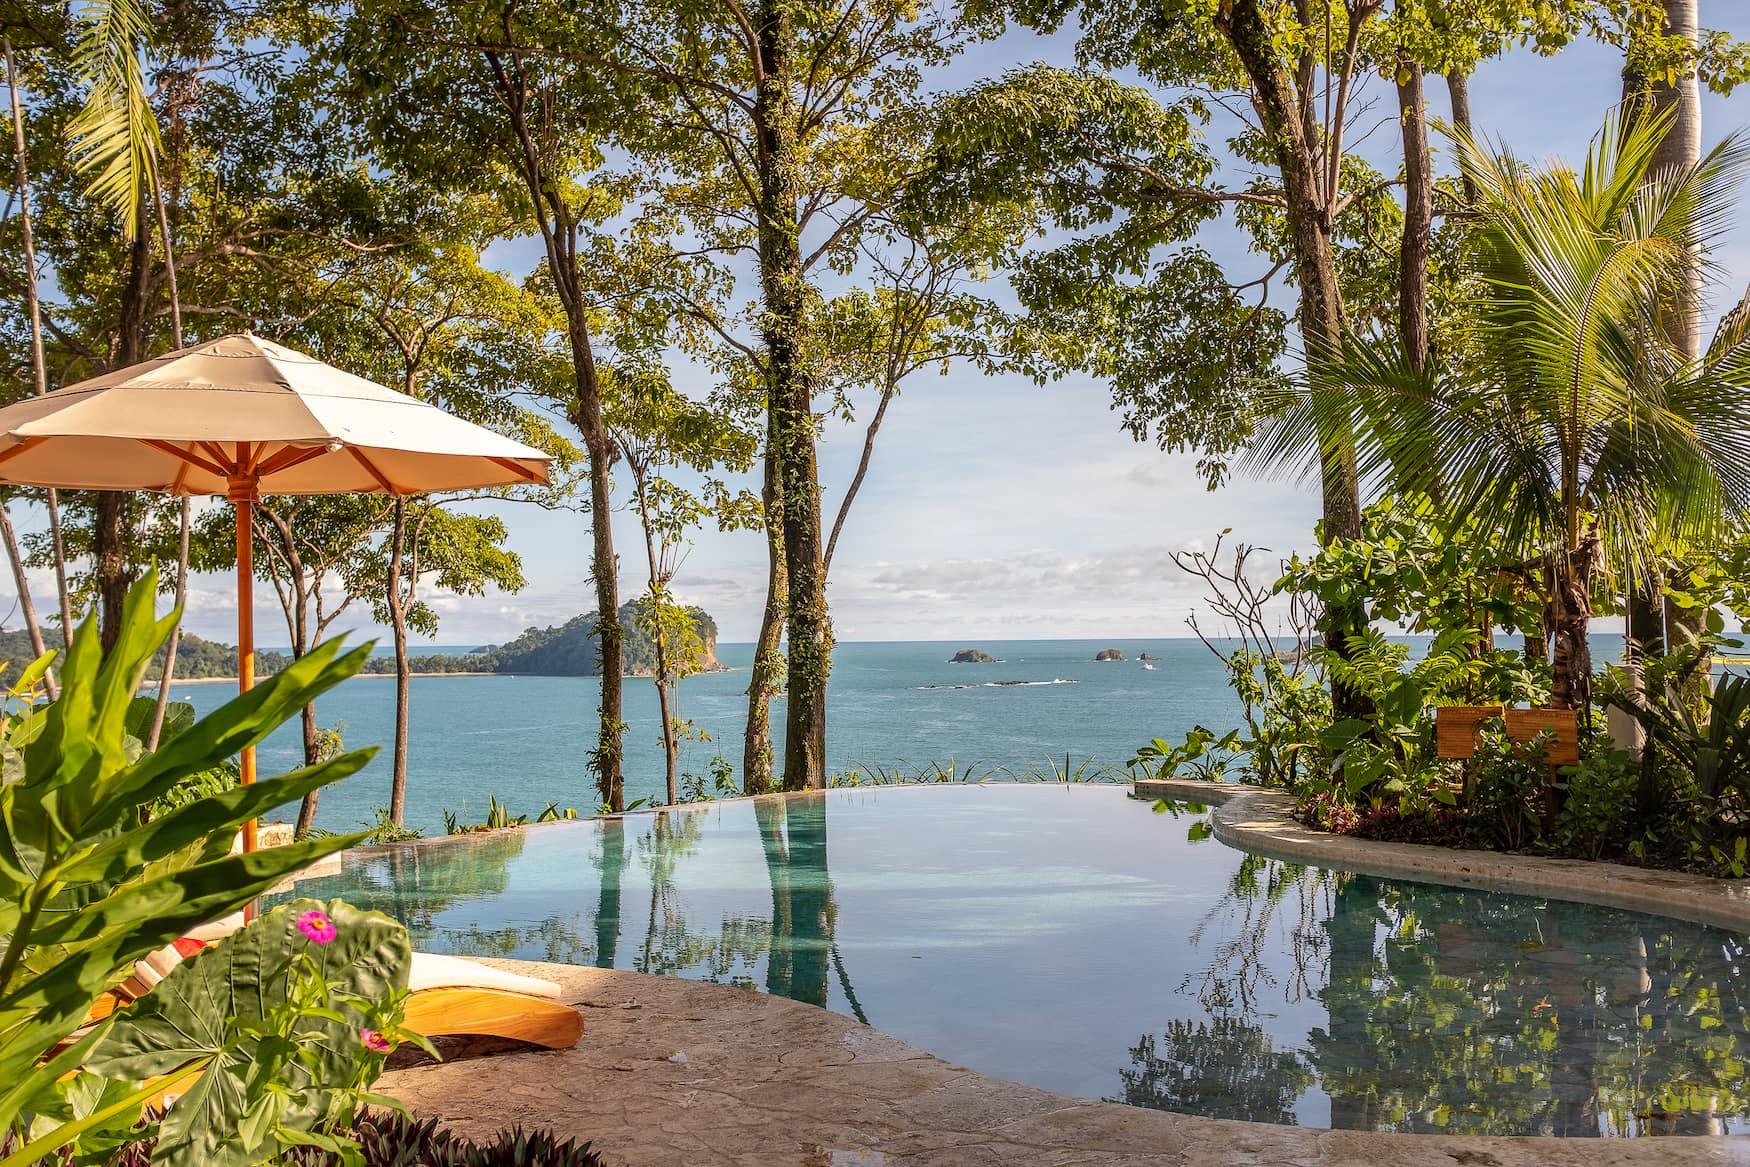 Vom Pool des Hotels Arenas del Mar genießt man einen Blick auf den Ozean bei Manuel Antonio, Costa Rica